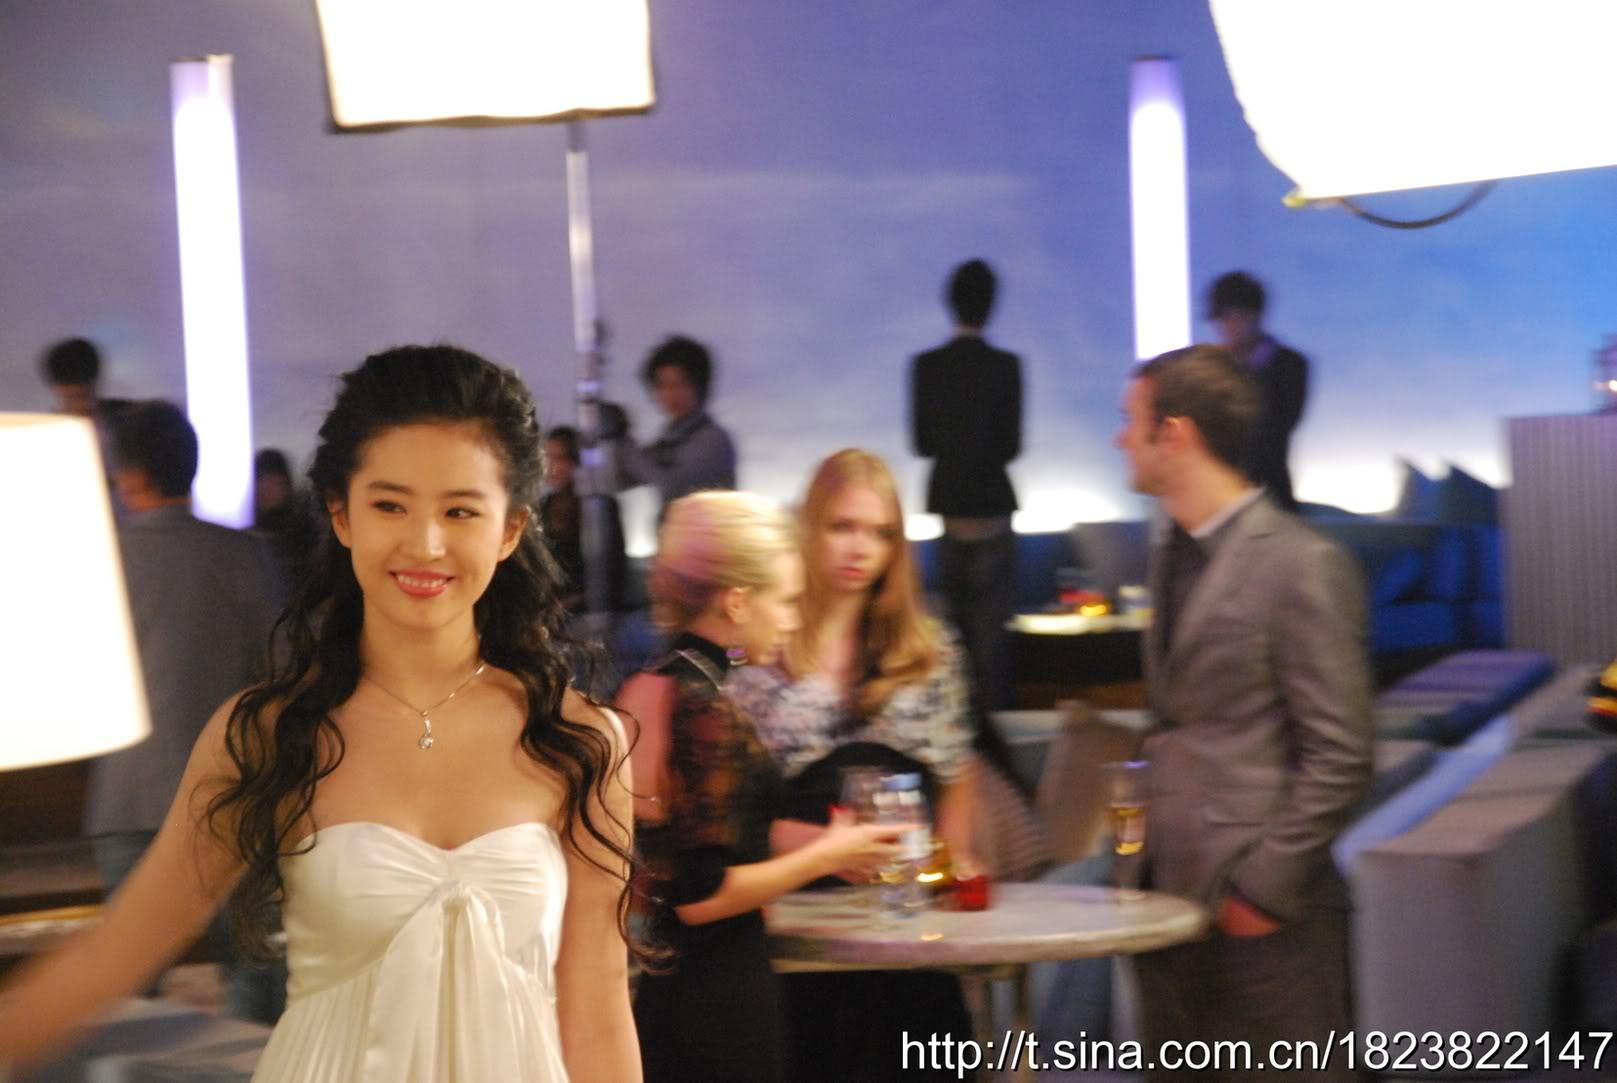 [2011] ถ่ายโฆษณาน้ำดื่ม Aersan_阿尔山 6cb55143t9127b41671a36902